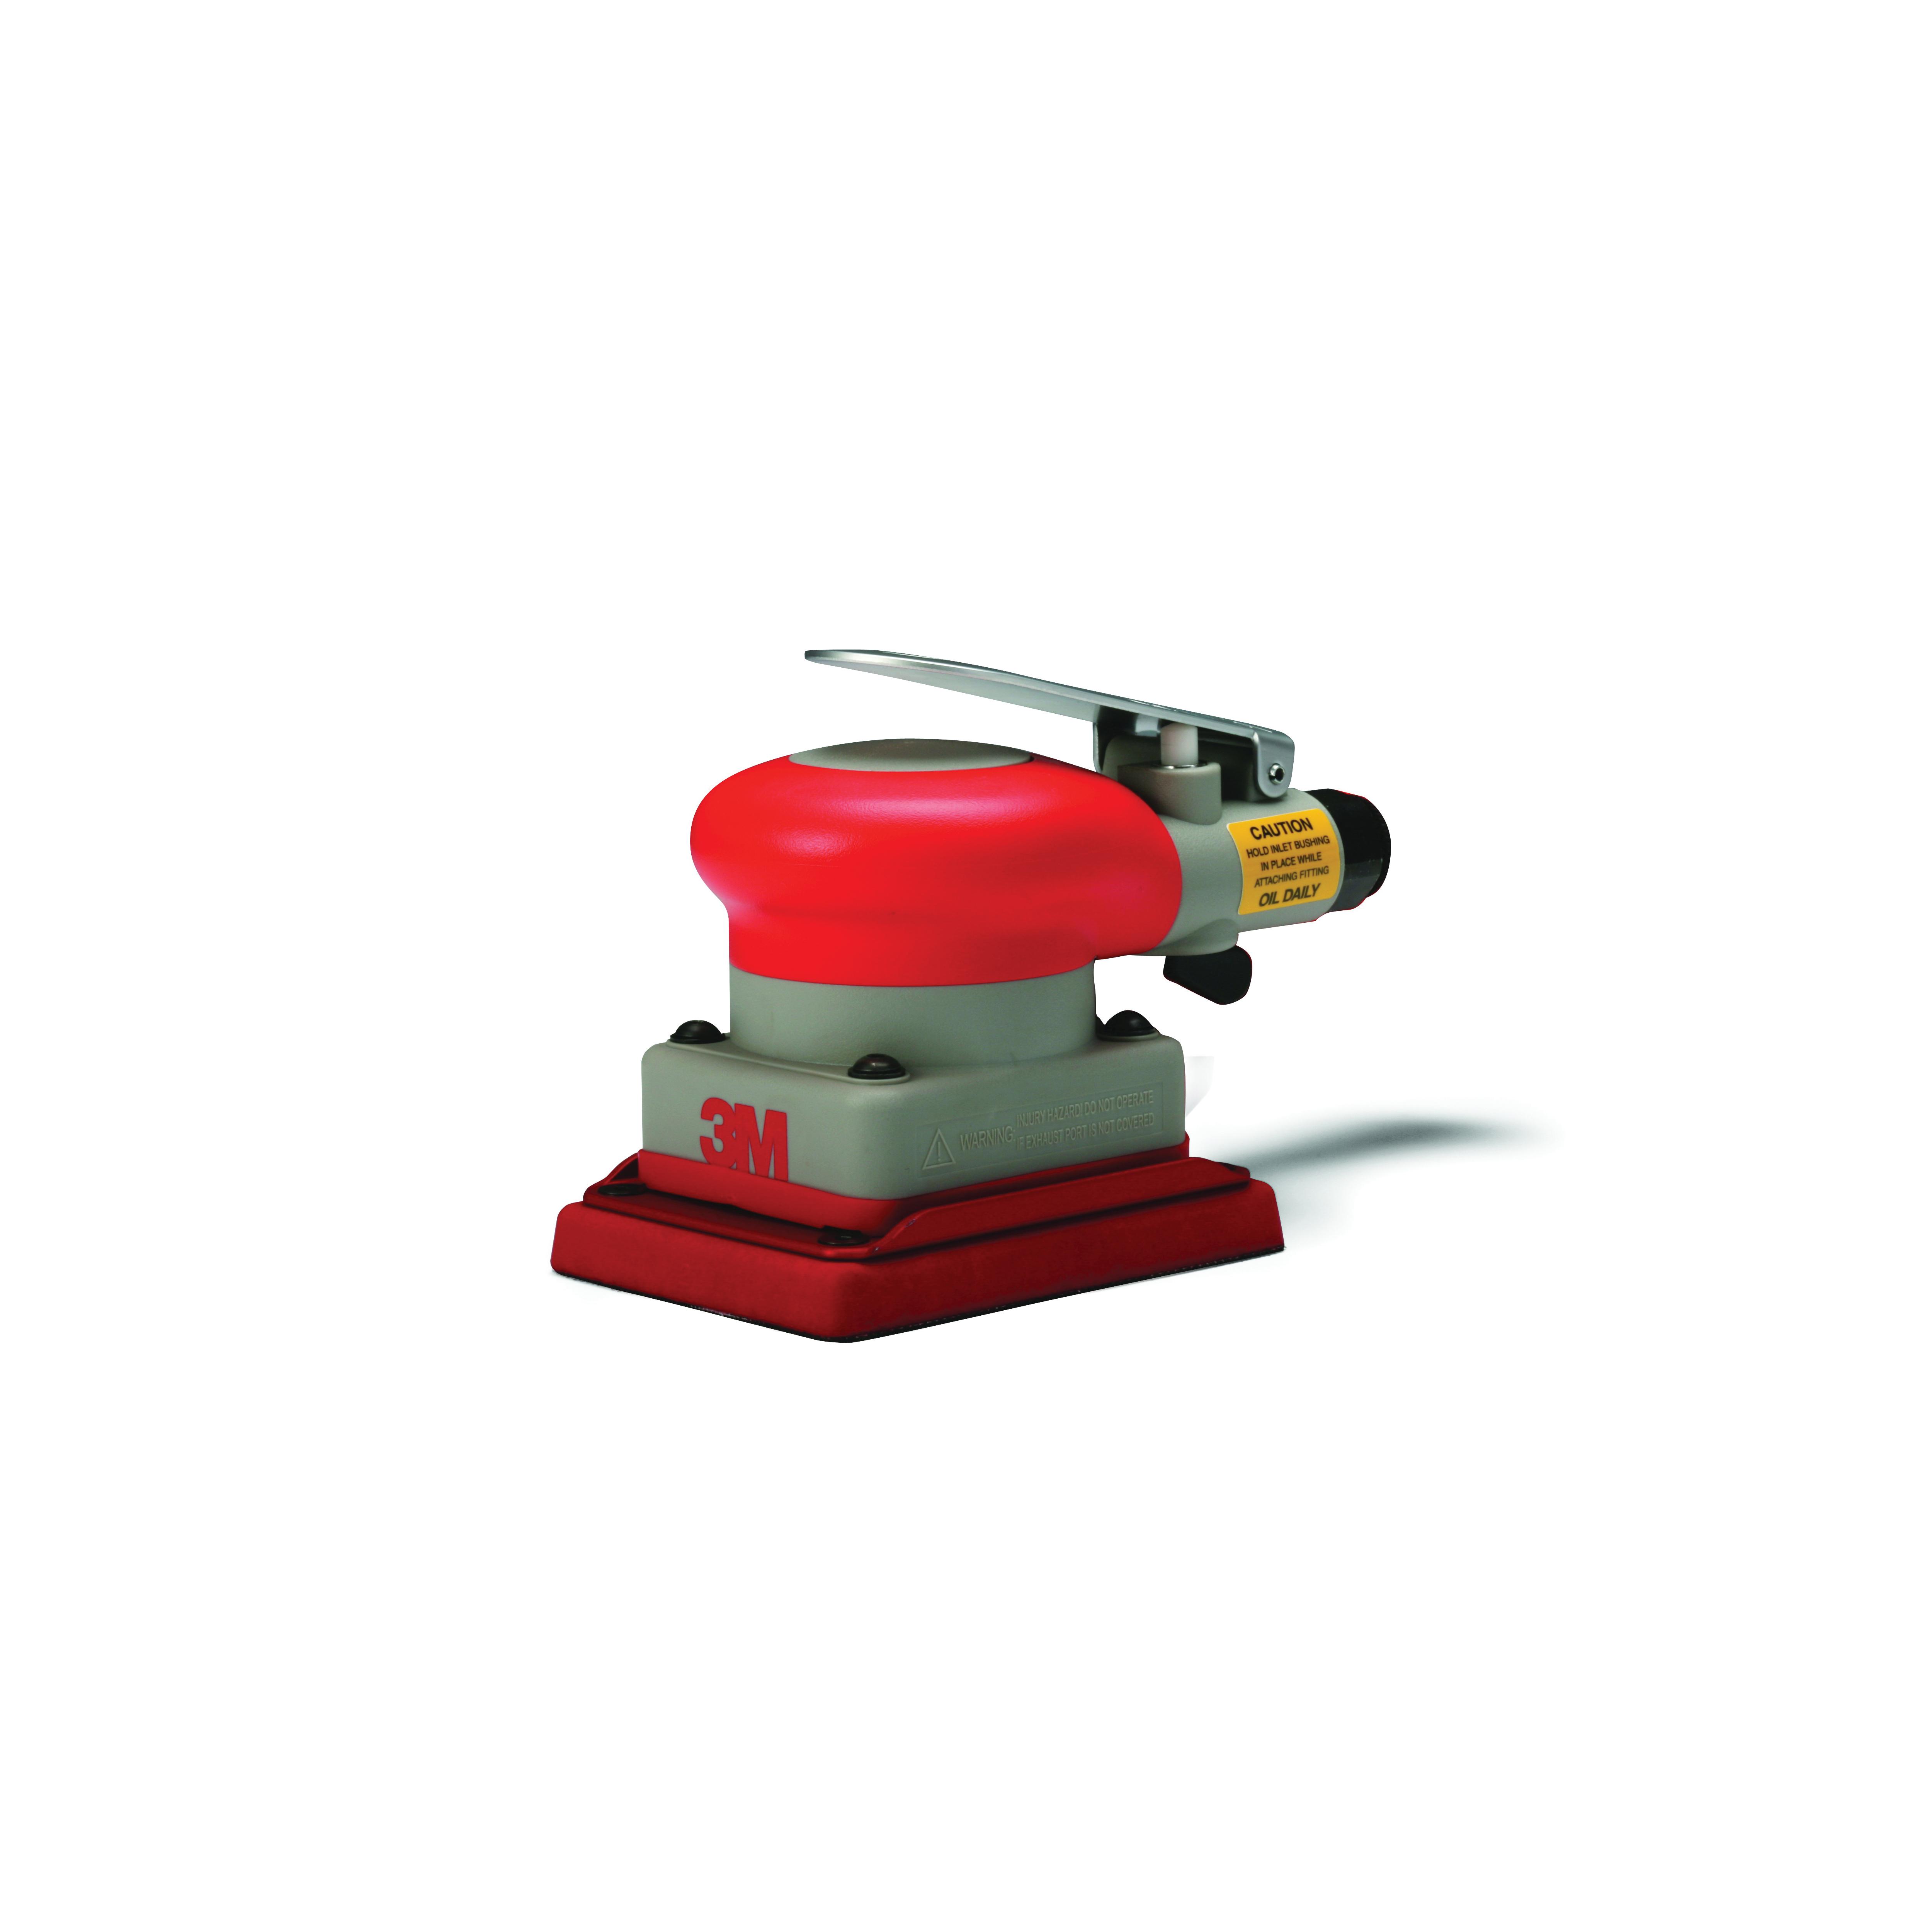 3M™ 051141-20331 Non-Vacuum Pneumatic Orbital Sander, 3 x 4 in Rectangle Pad, 17 scfm Air Flow, 90 psi